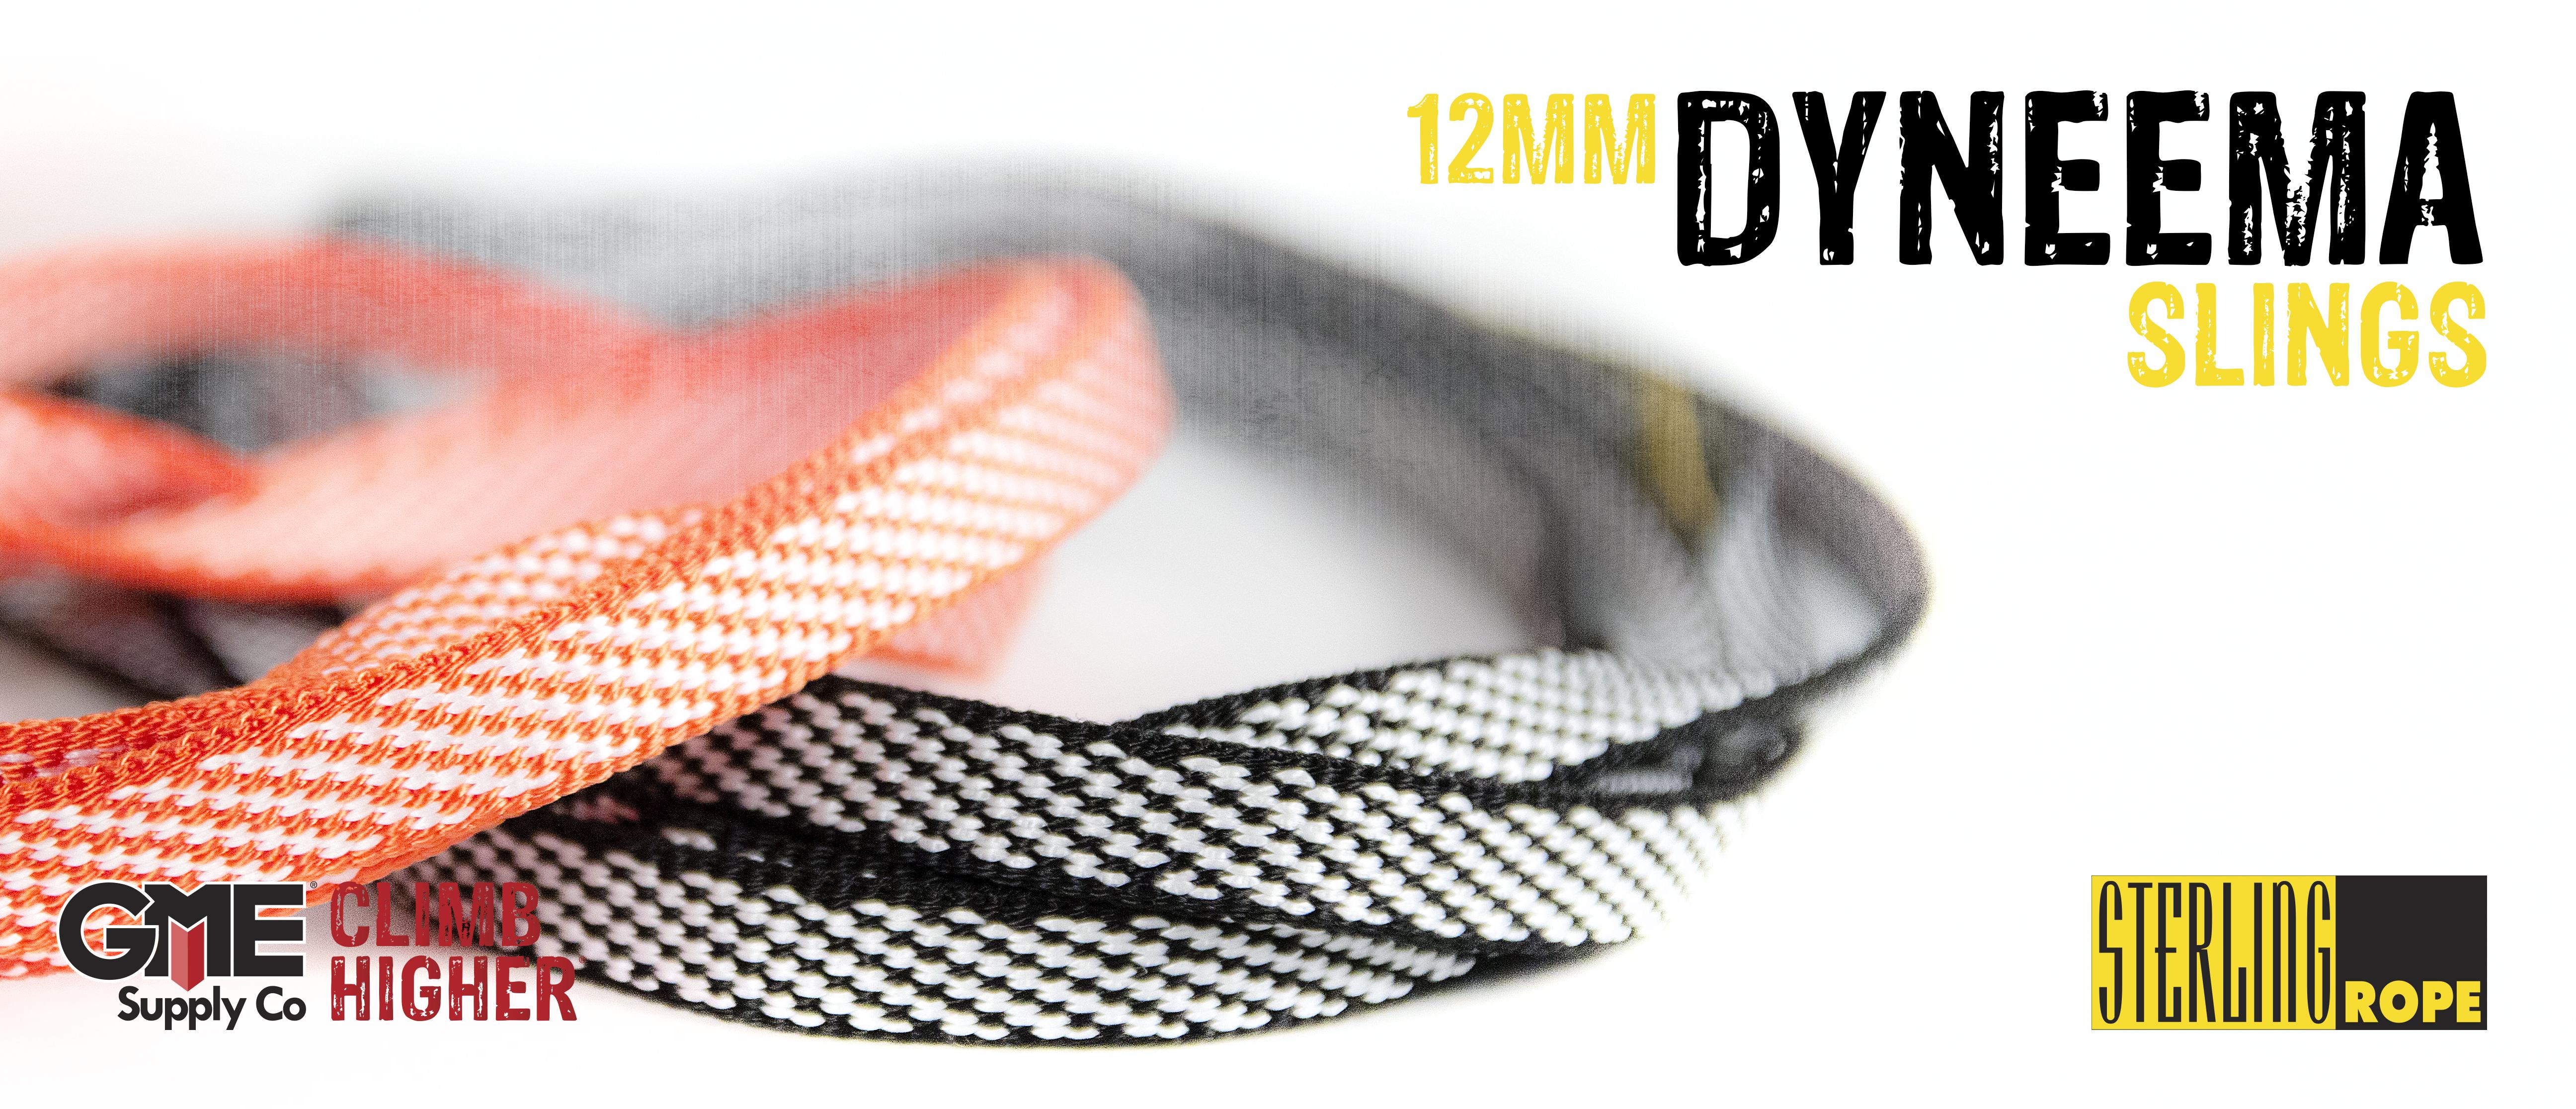 Dyneema slings